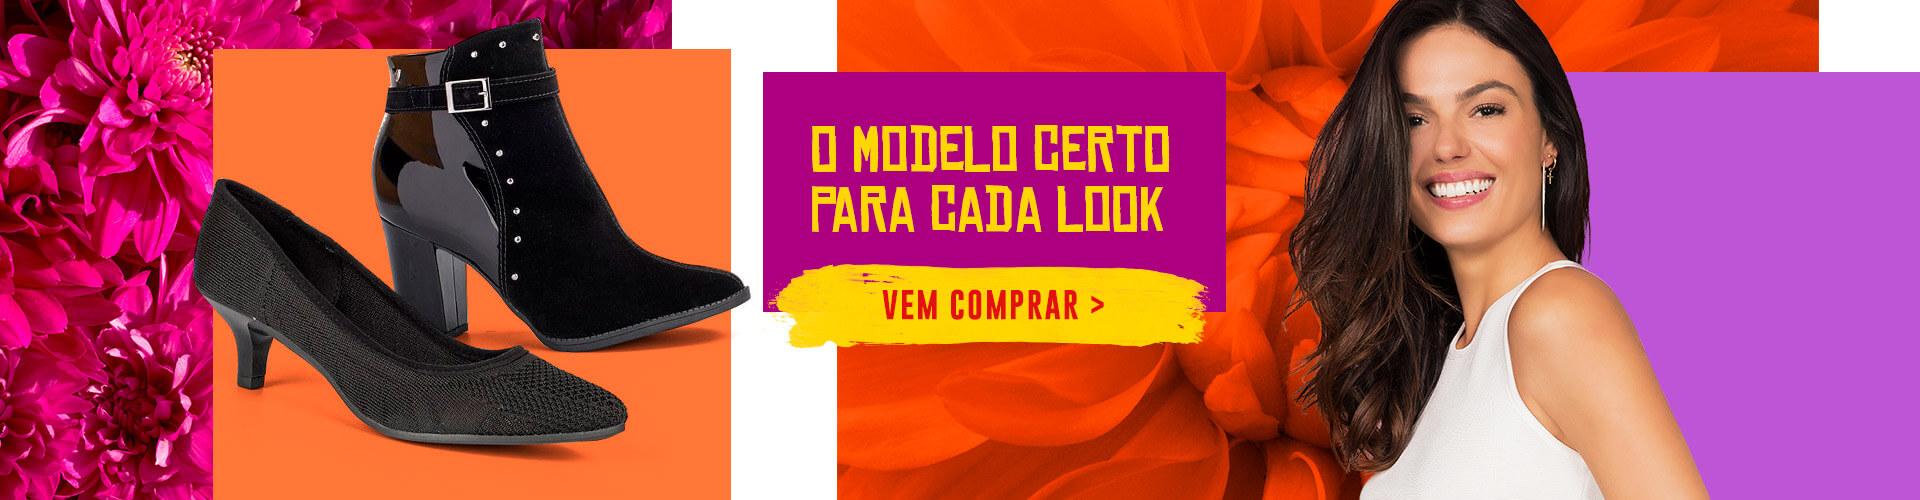 O modelo certo para cada look